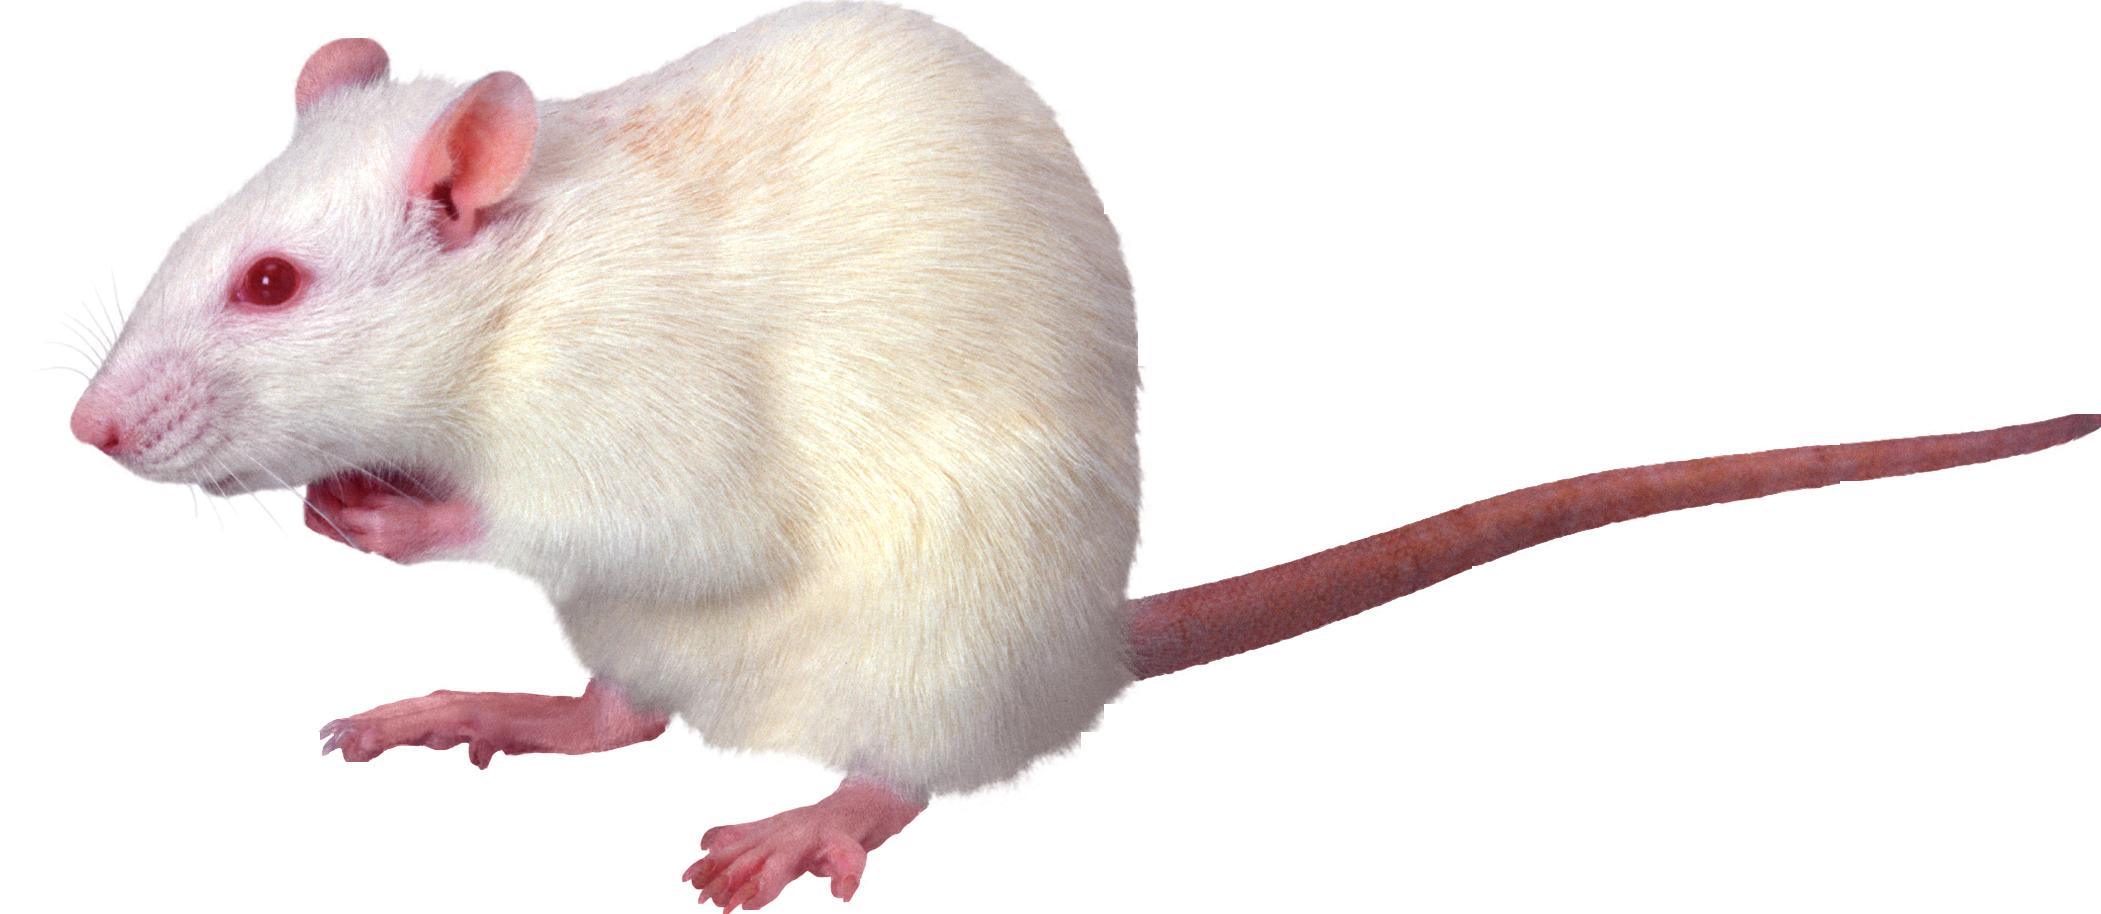 Rat Mouse PNG - 14818